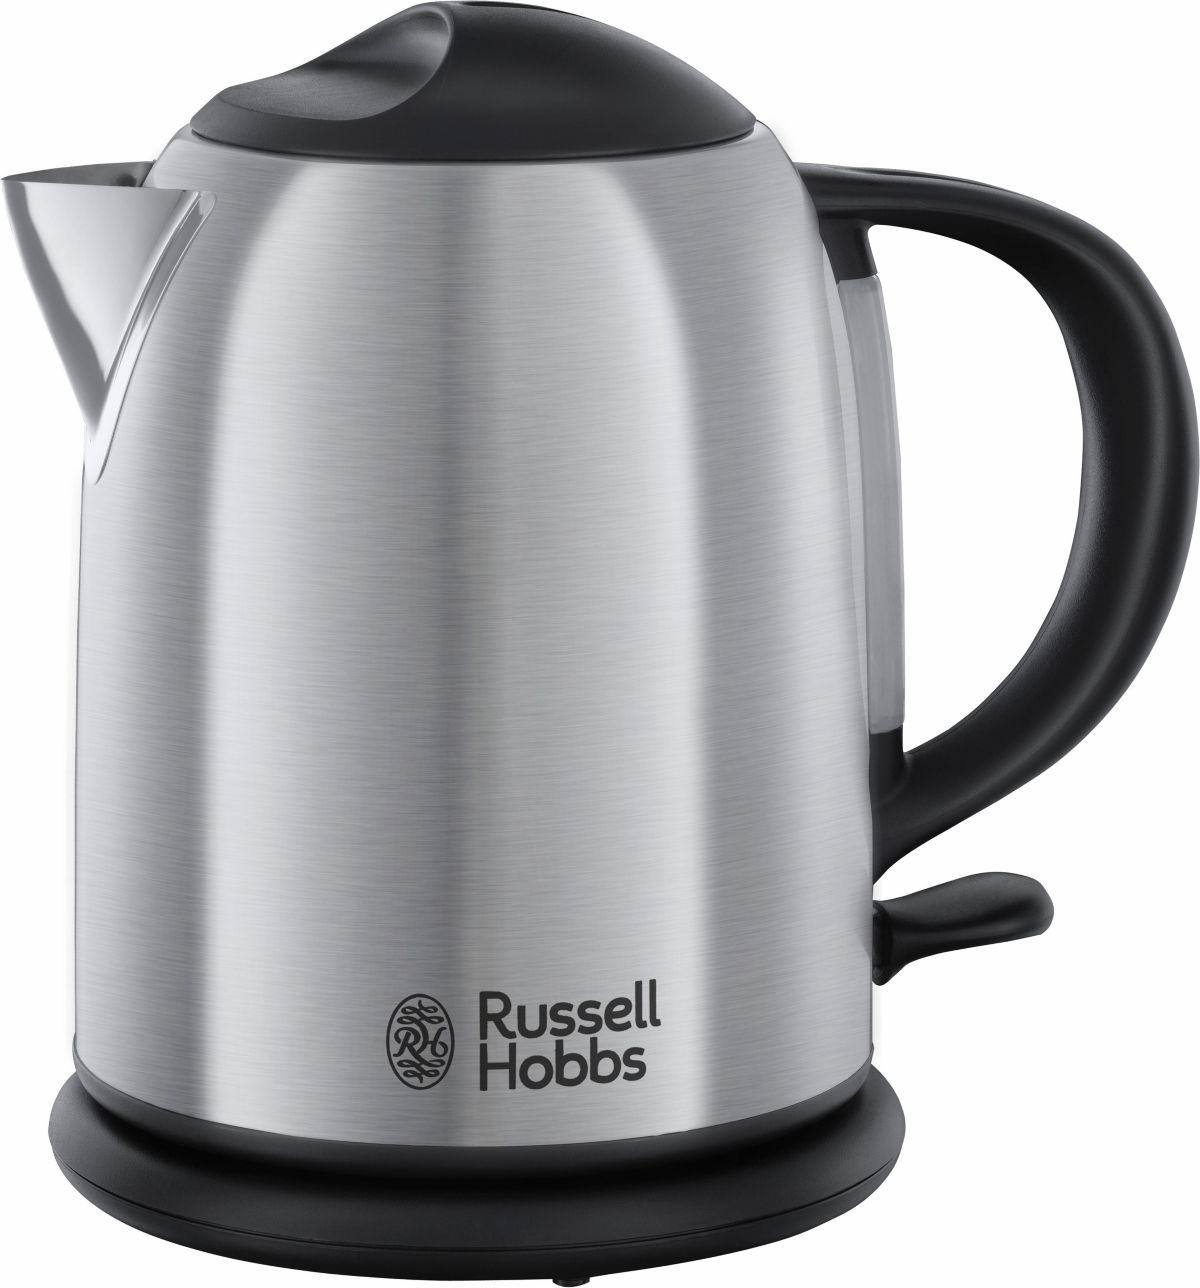 Russell Hobbs Kompakt- Wasserkocher Oxford 20195-70, 1 Liter, 2200 Watt, Edelstahl gebürstet